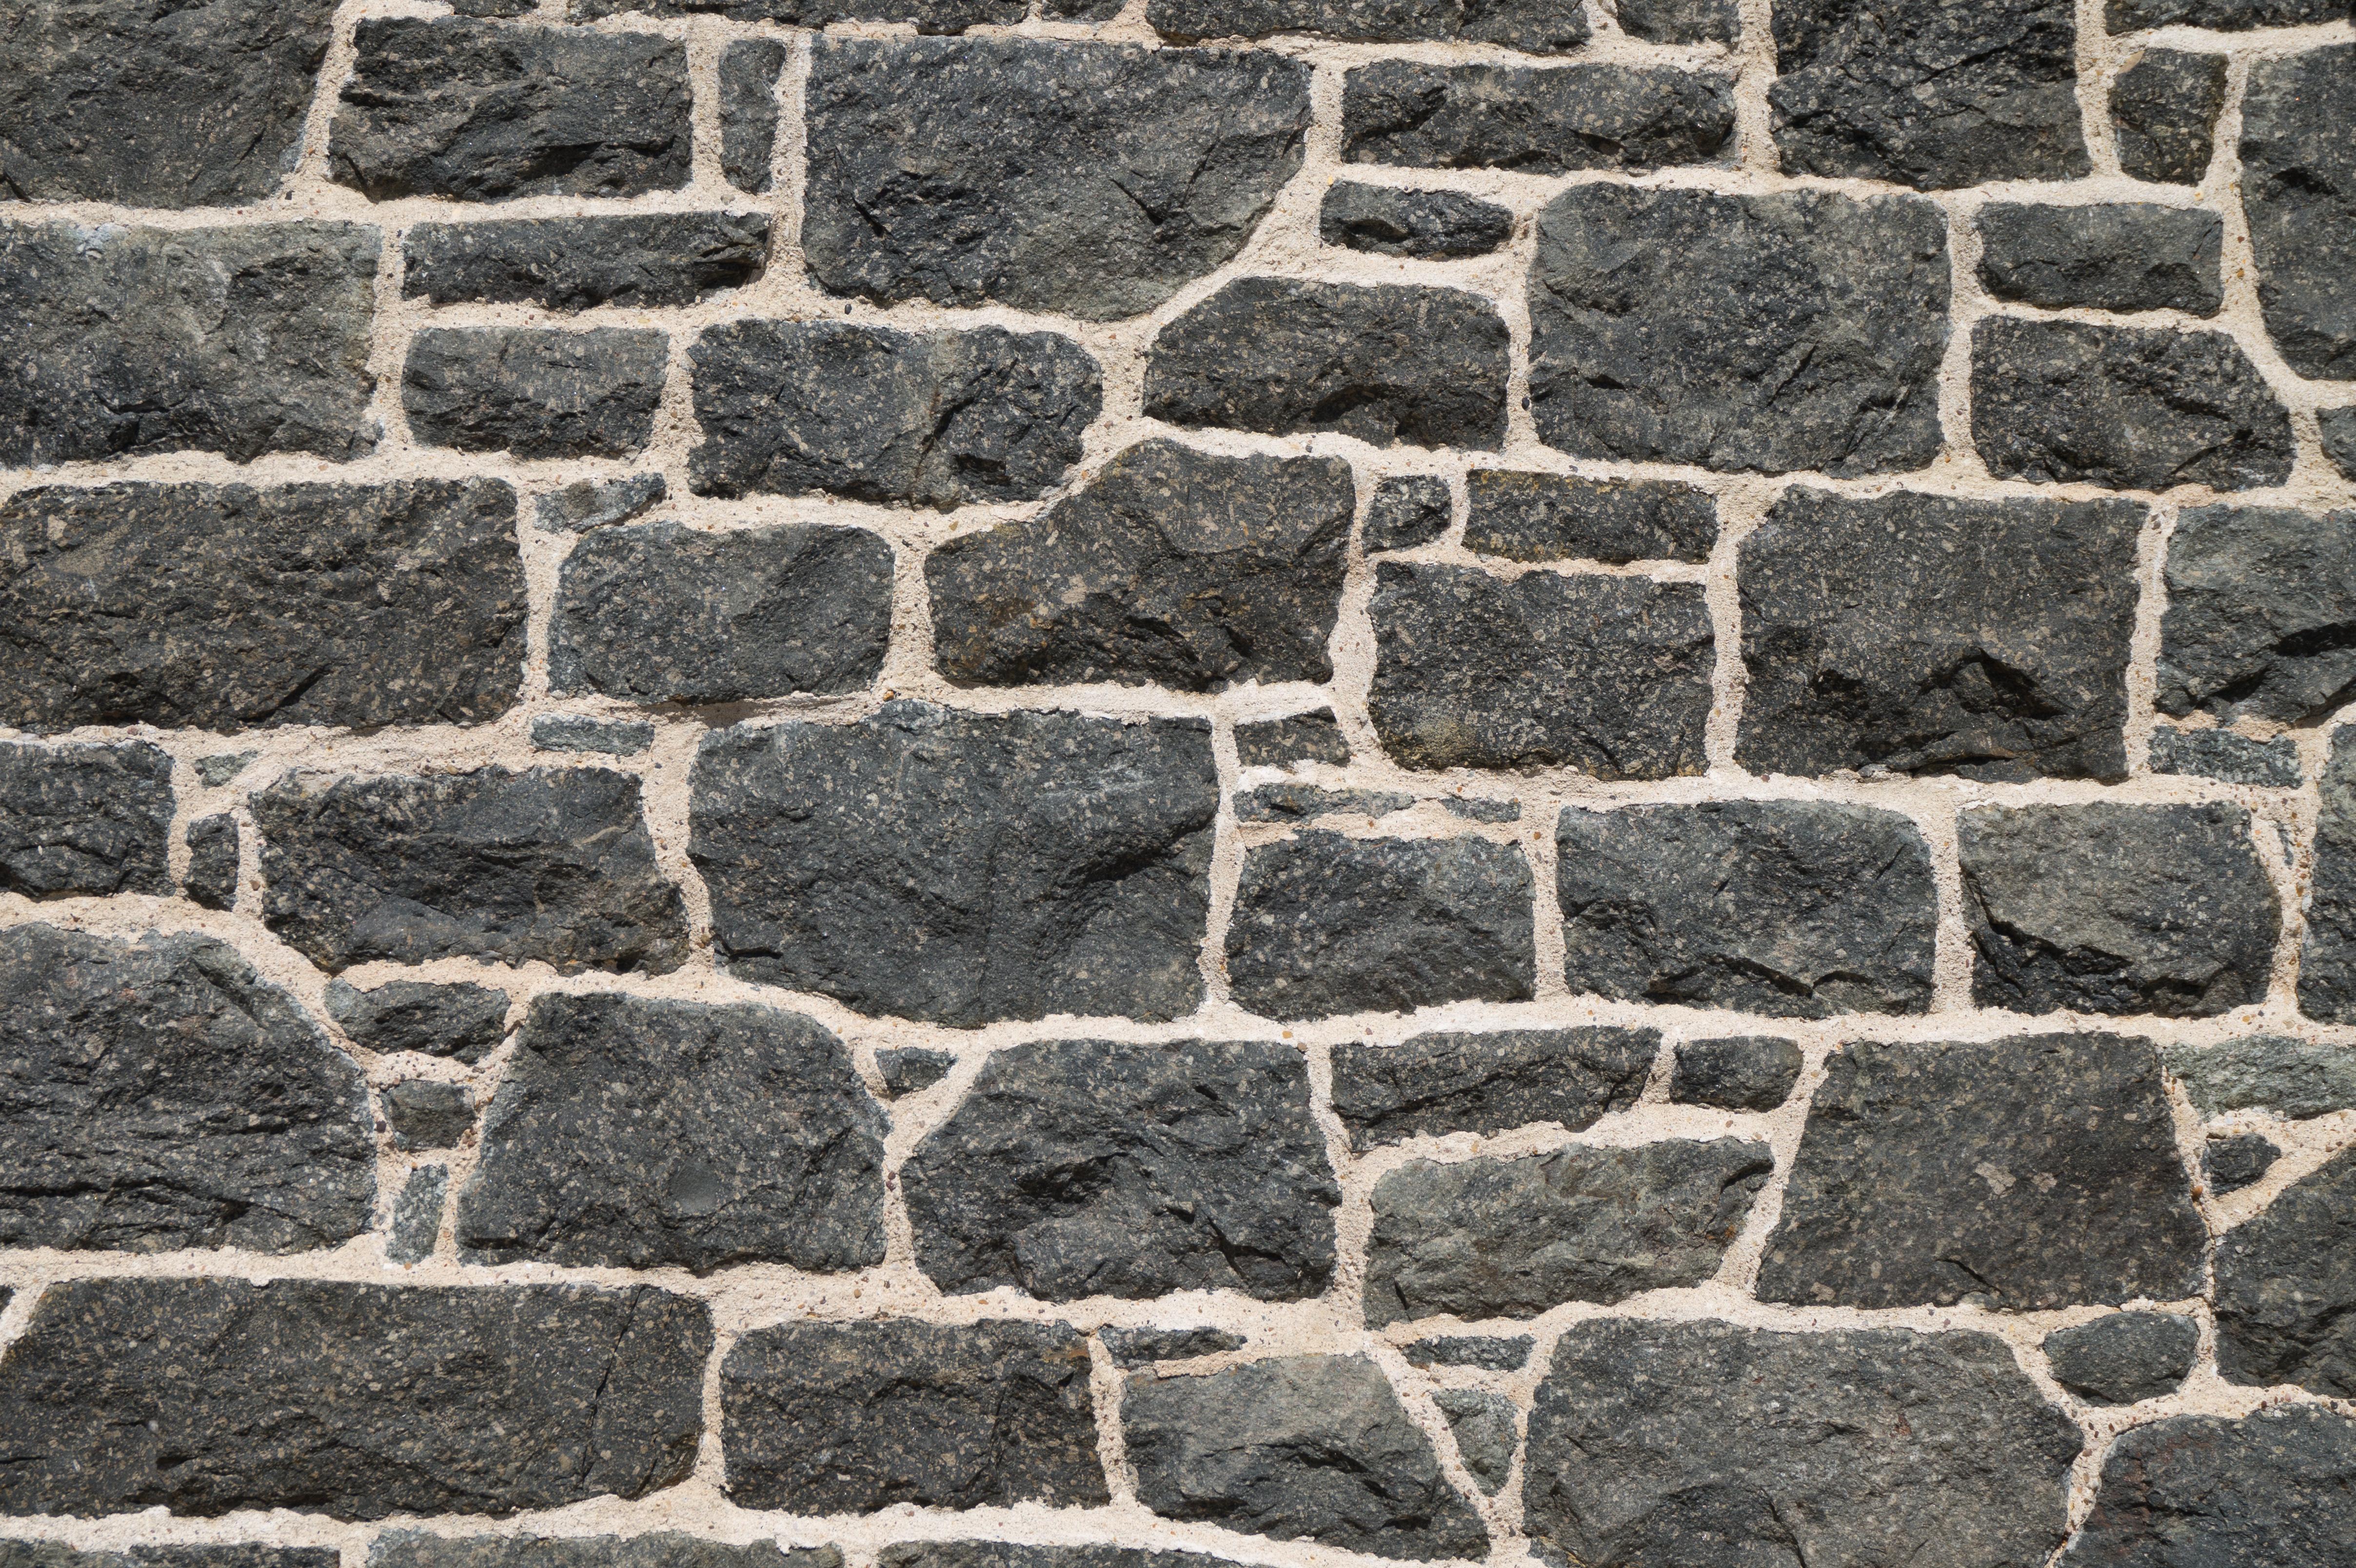 Wall Stone Wall 022 Stone Texturify Free Textures